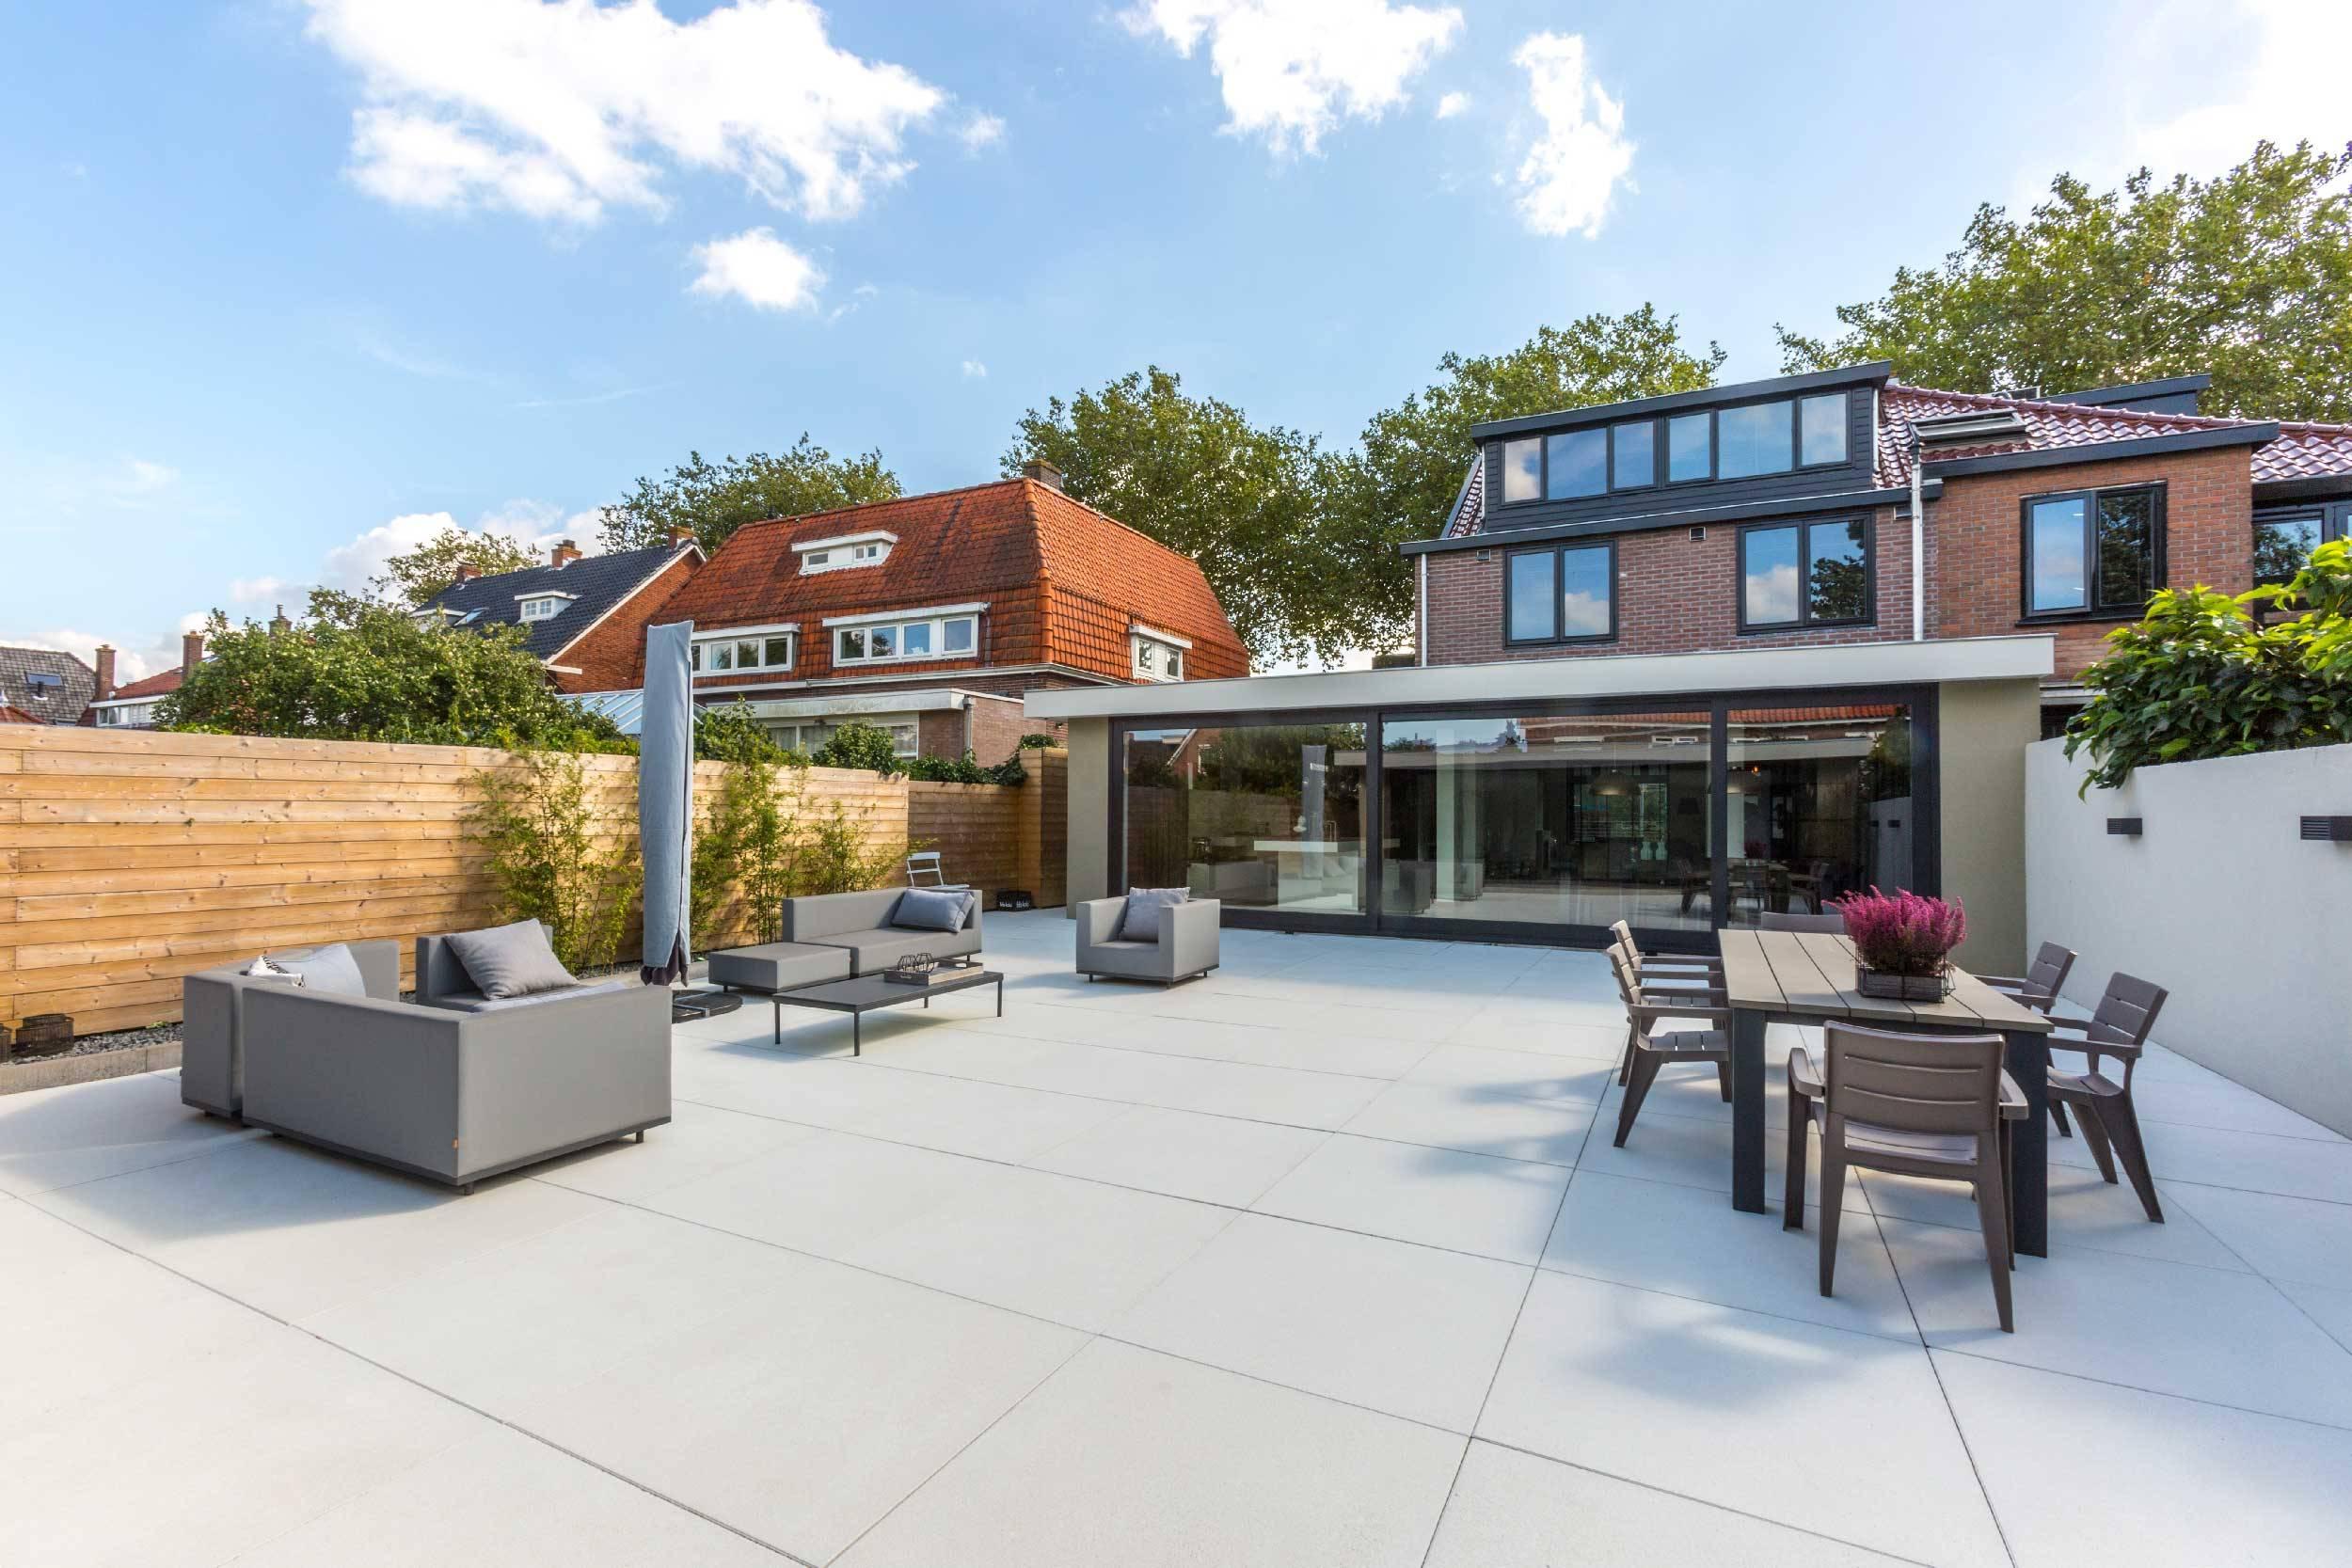 Sloterweg / Badhoevedorp